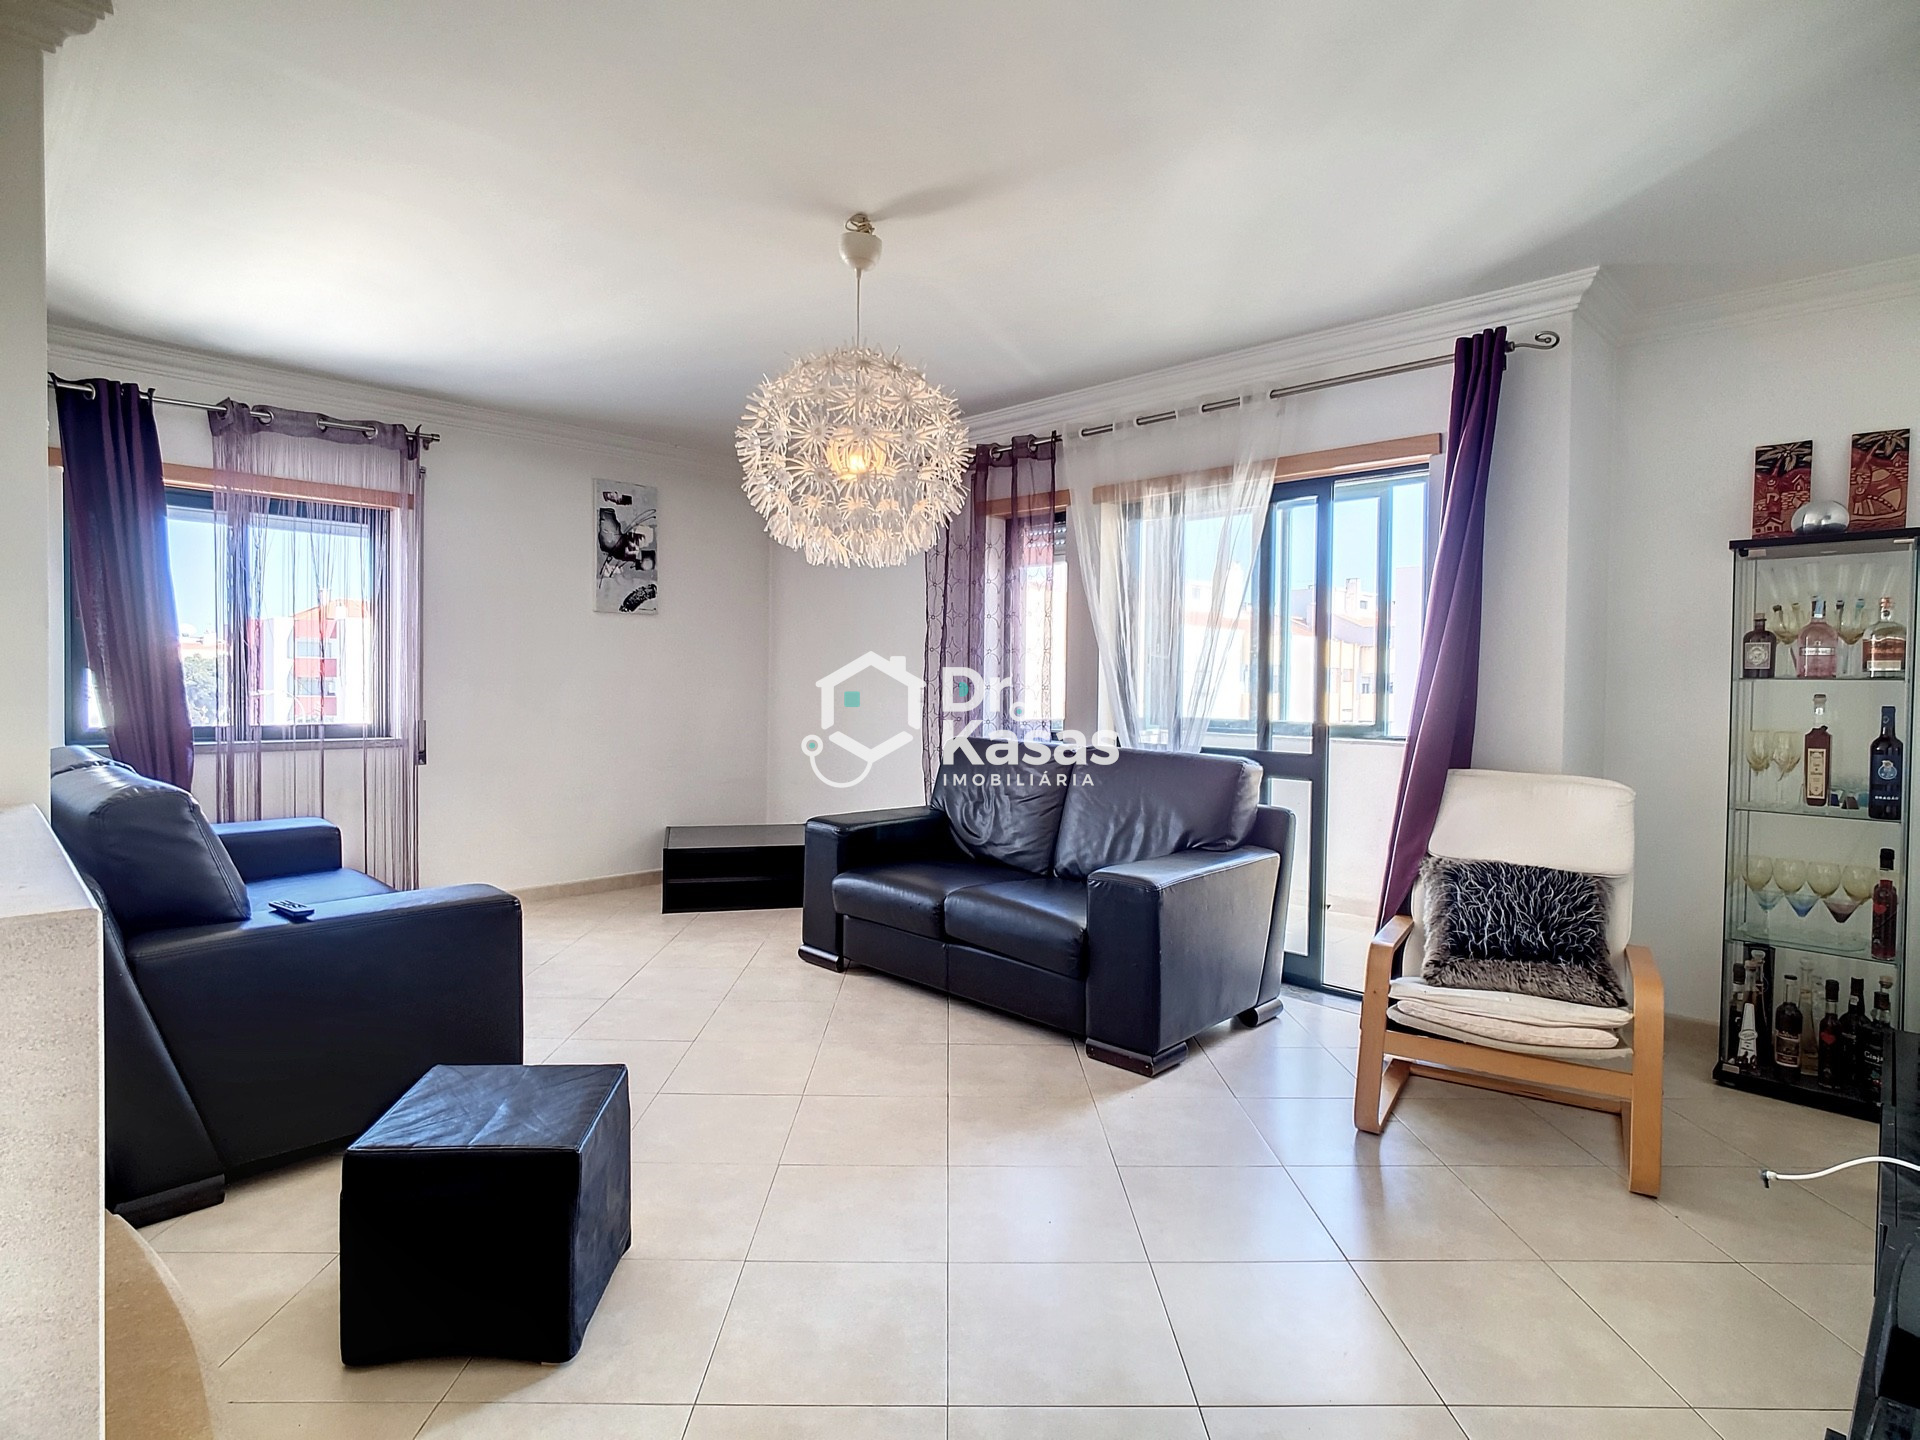 Apartamento T3 com arrecadação e parqueamento, junto à estação de comboios de Alhos Vedros